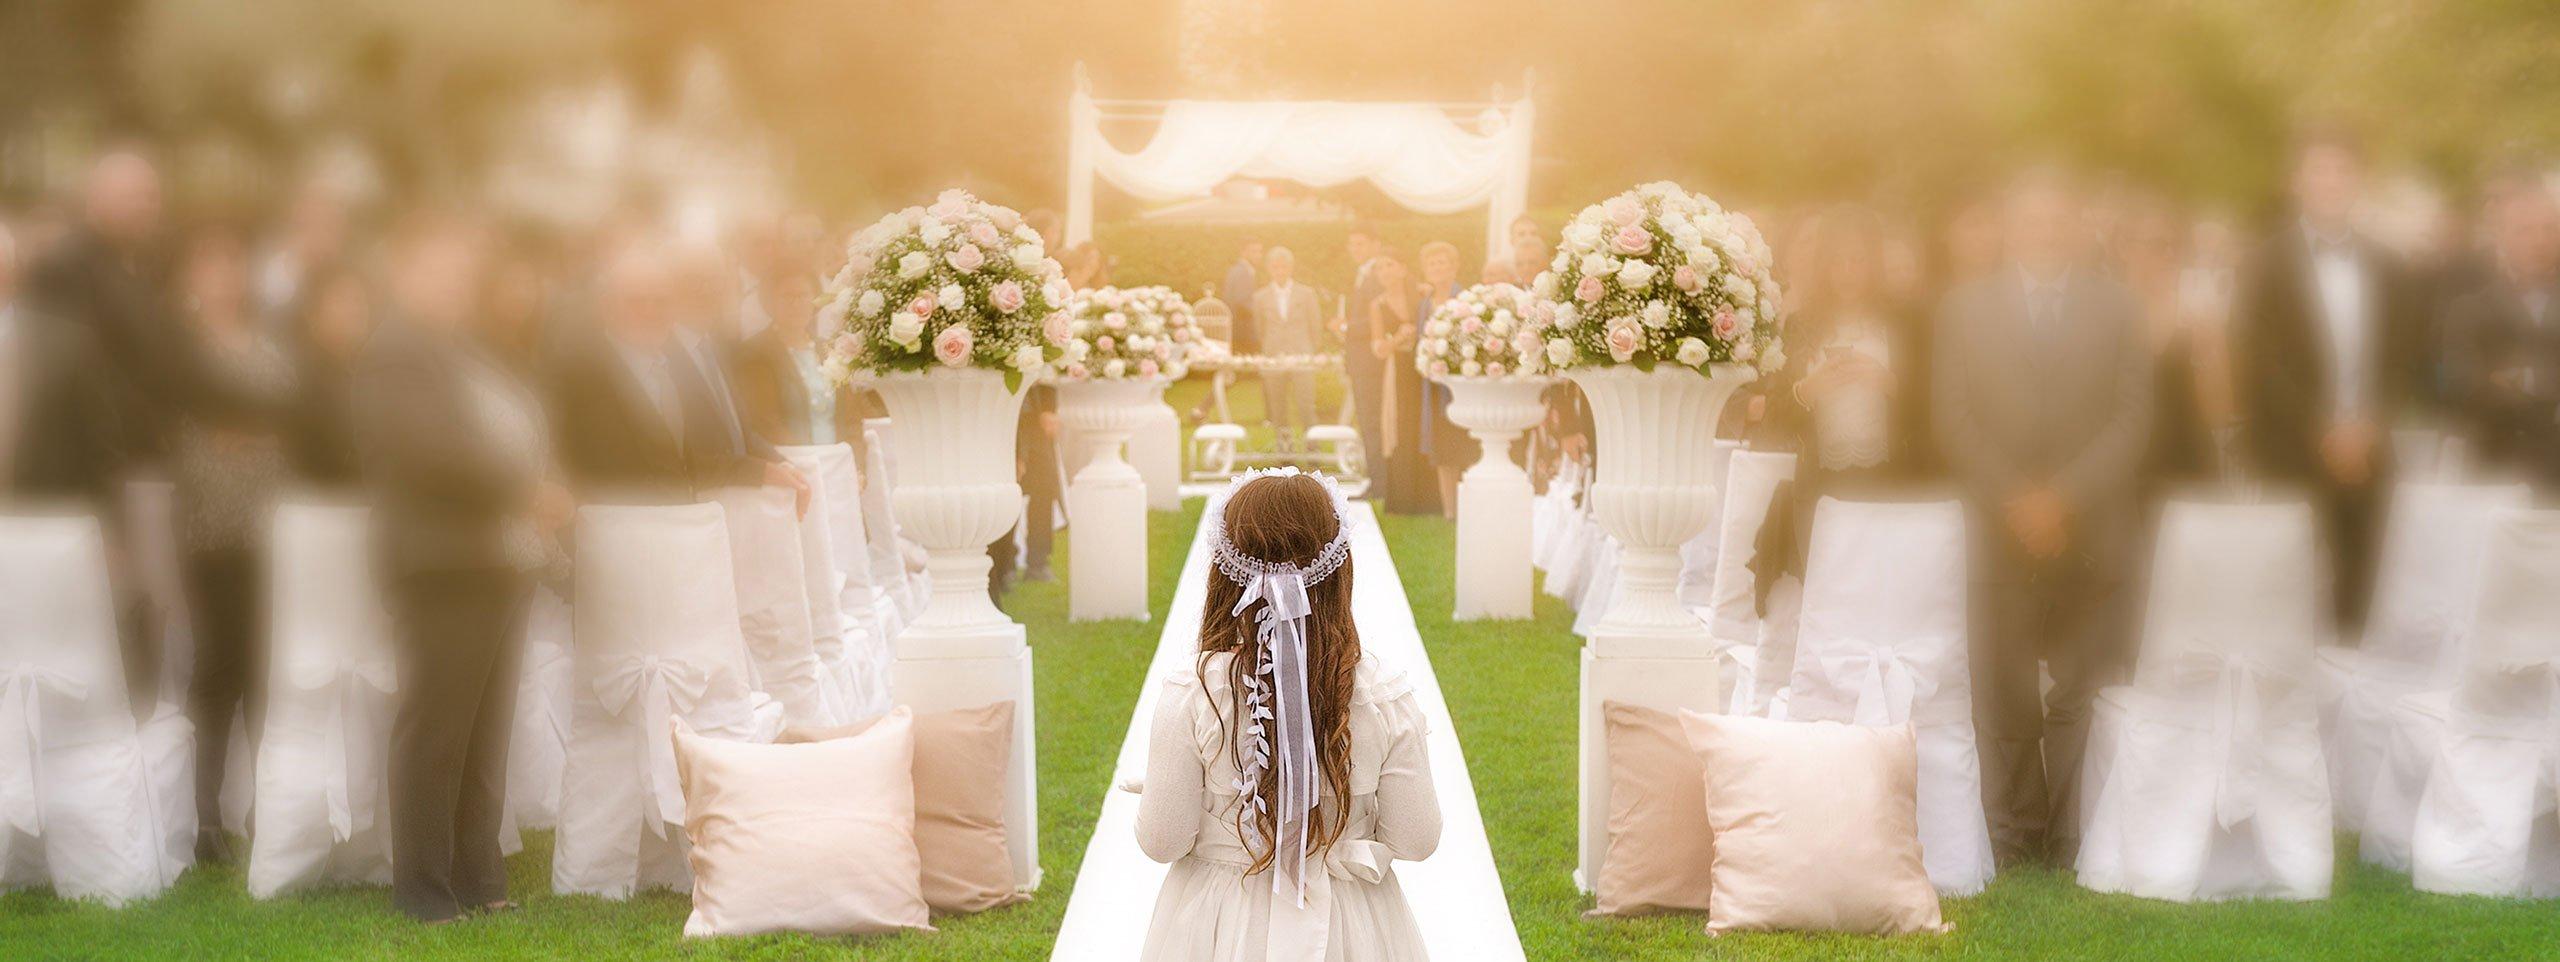 Matrimonio stile americano campania